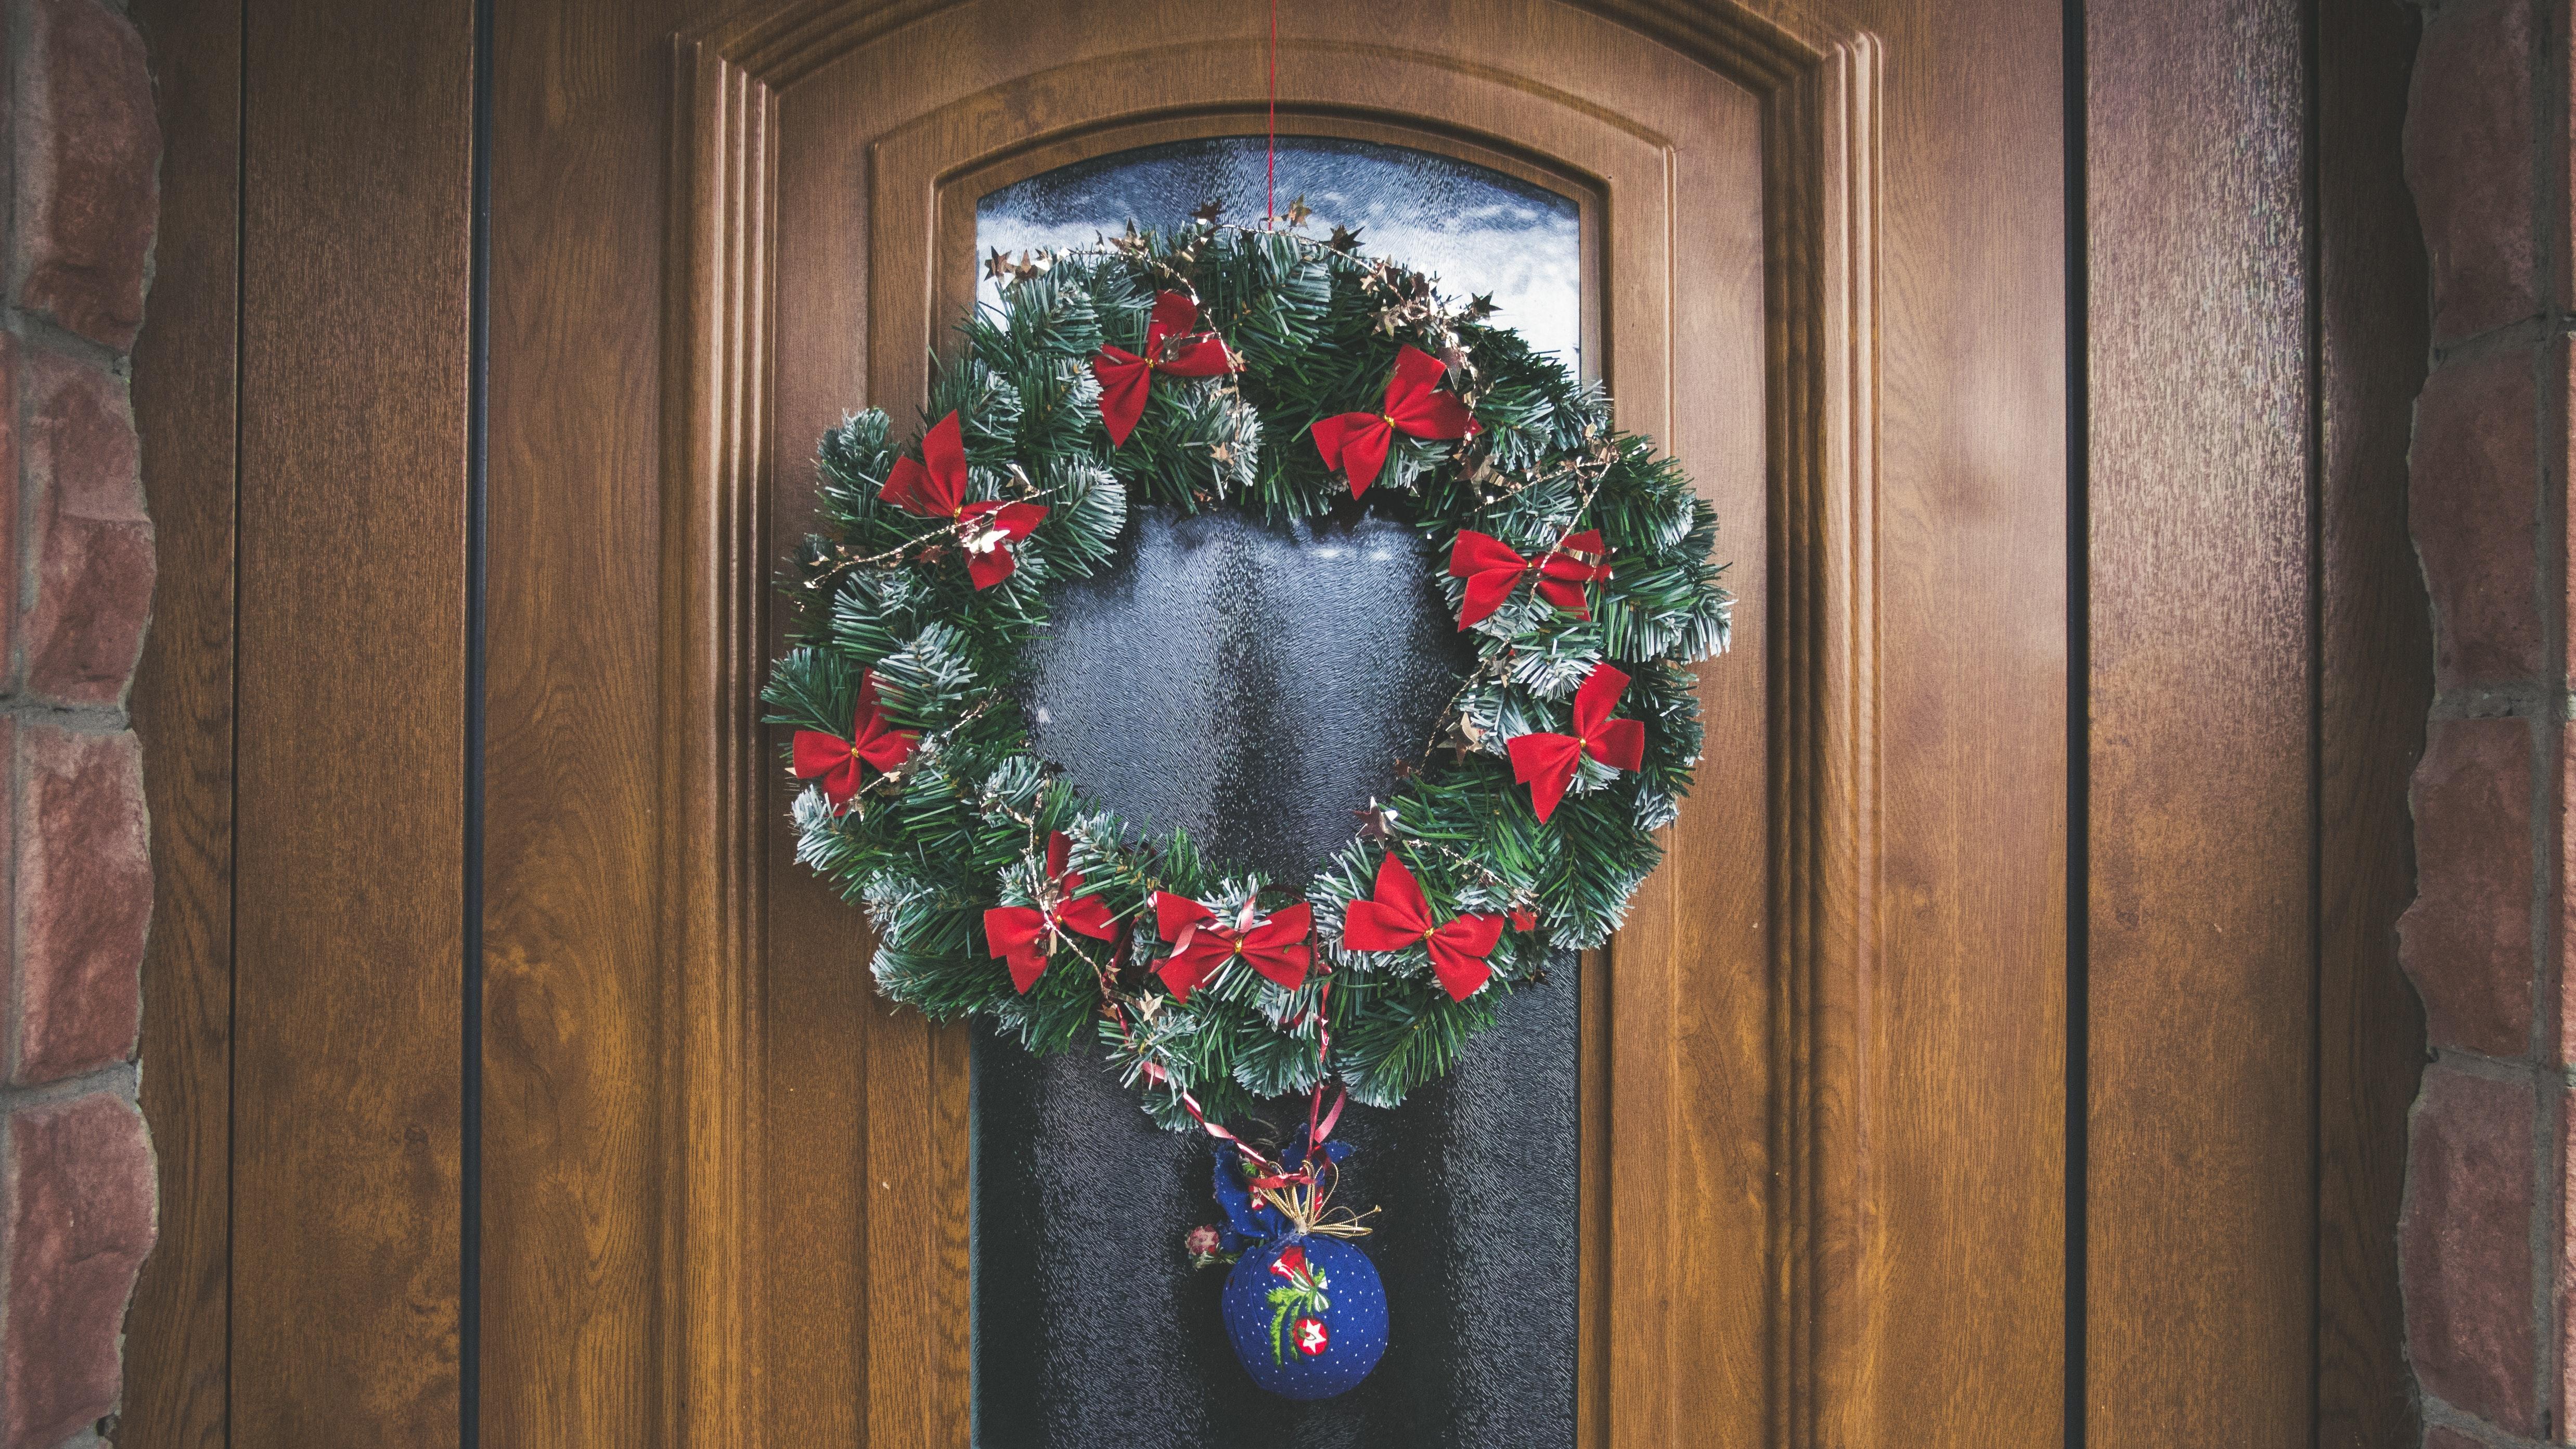 Decorazioni Natalizie Per Portoni.Immagini Belle Arte Natale Decorazione Natalizia Design Porta